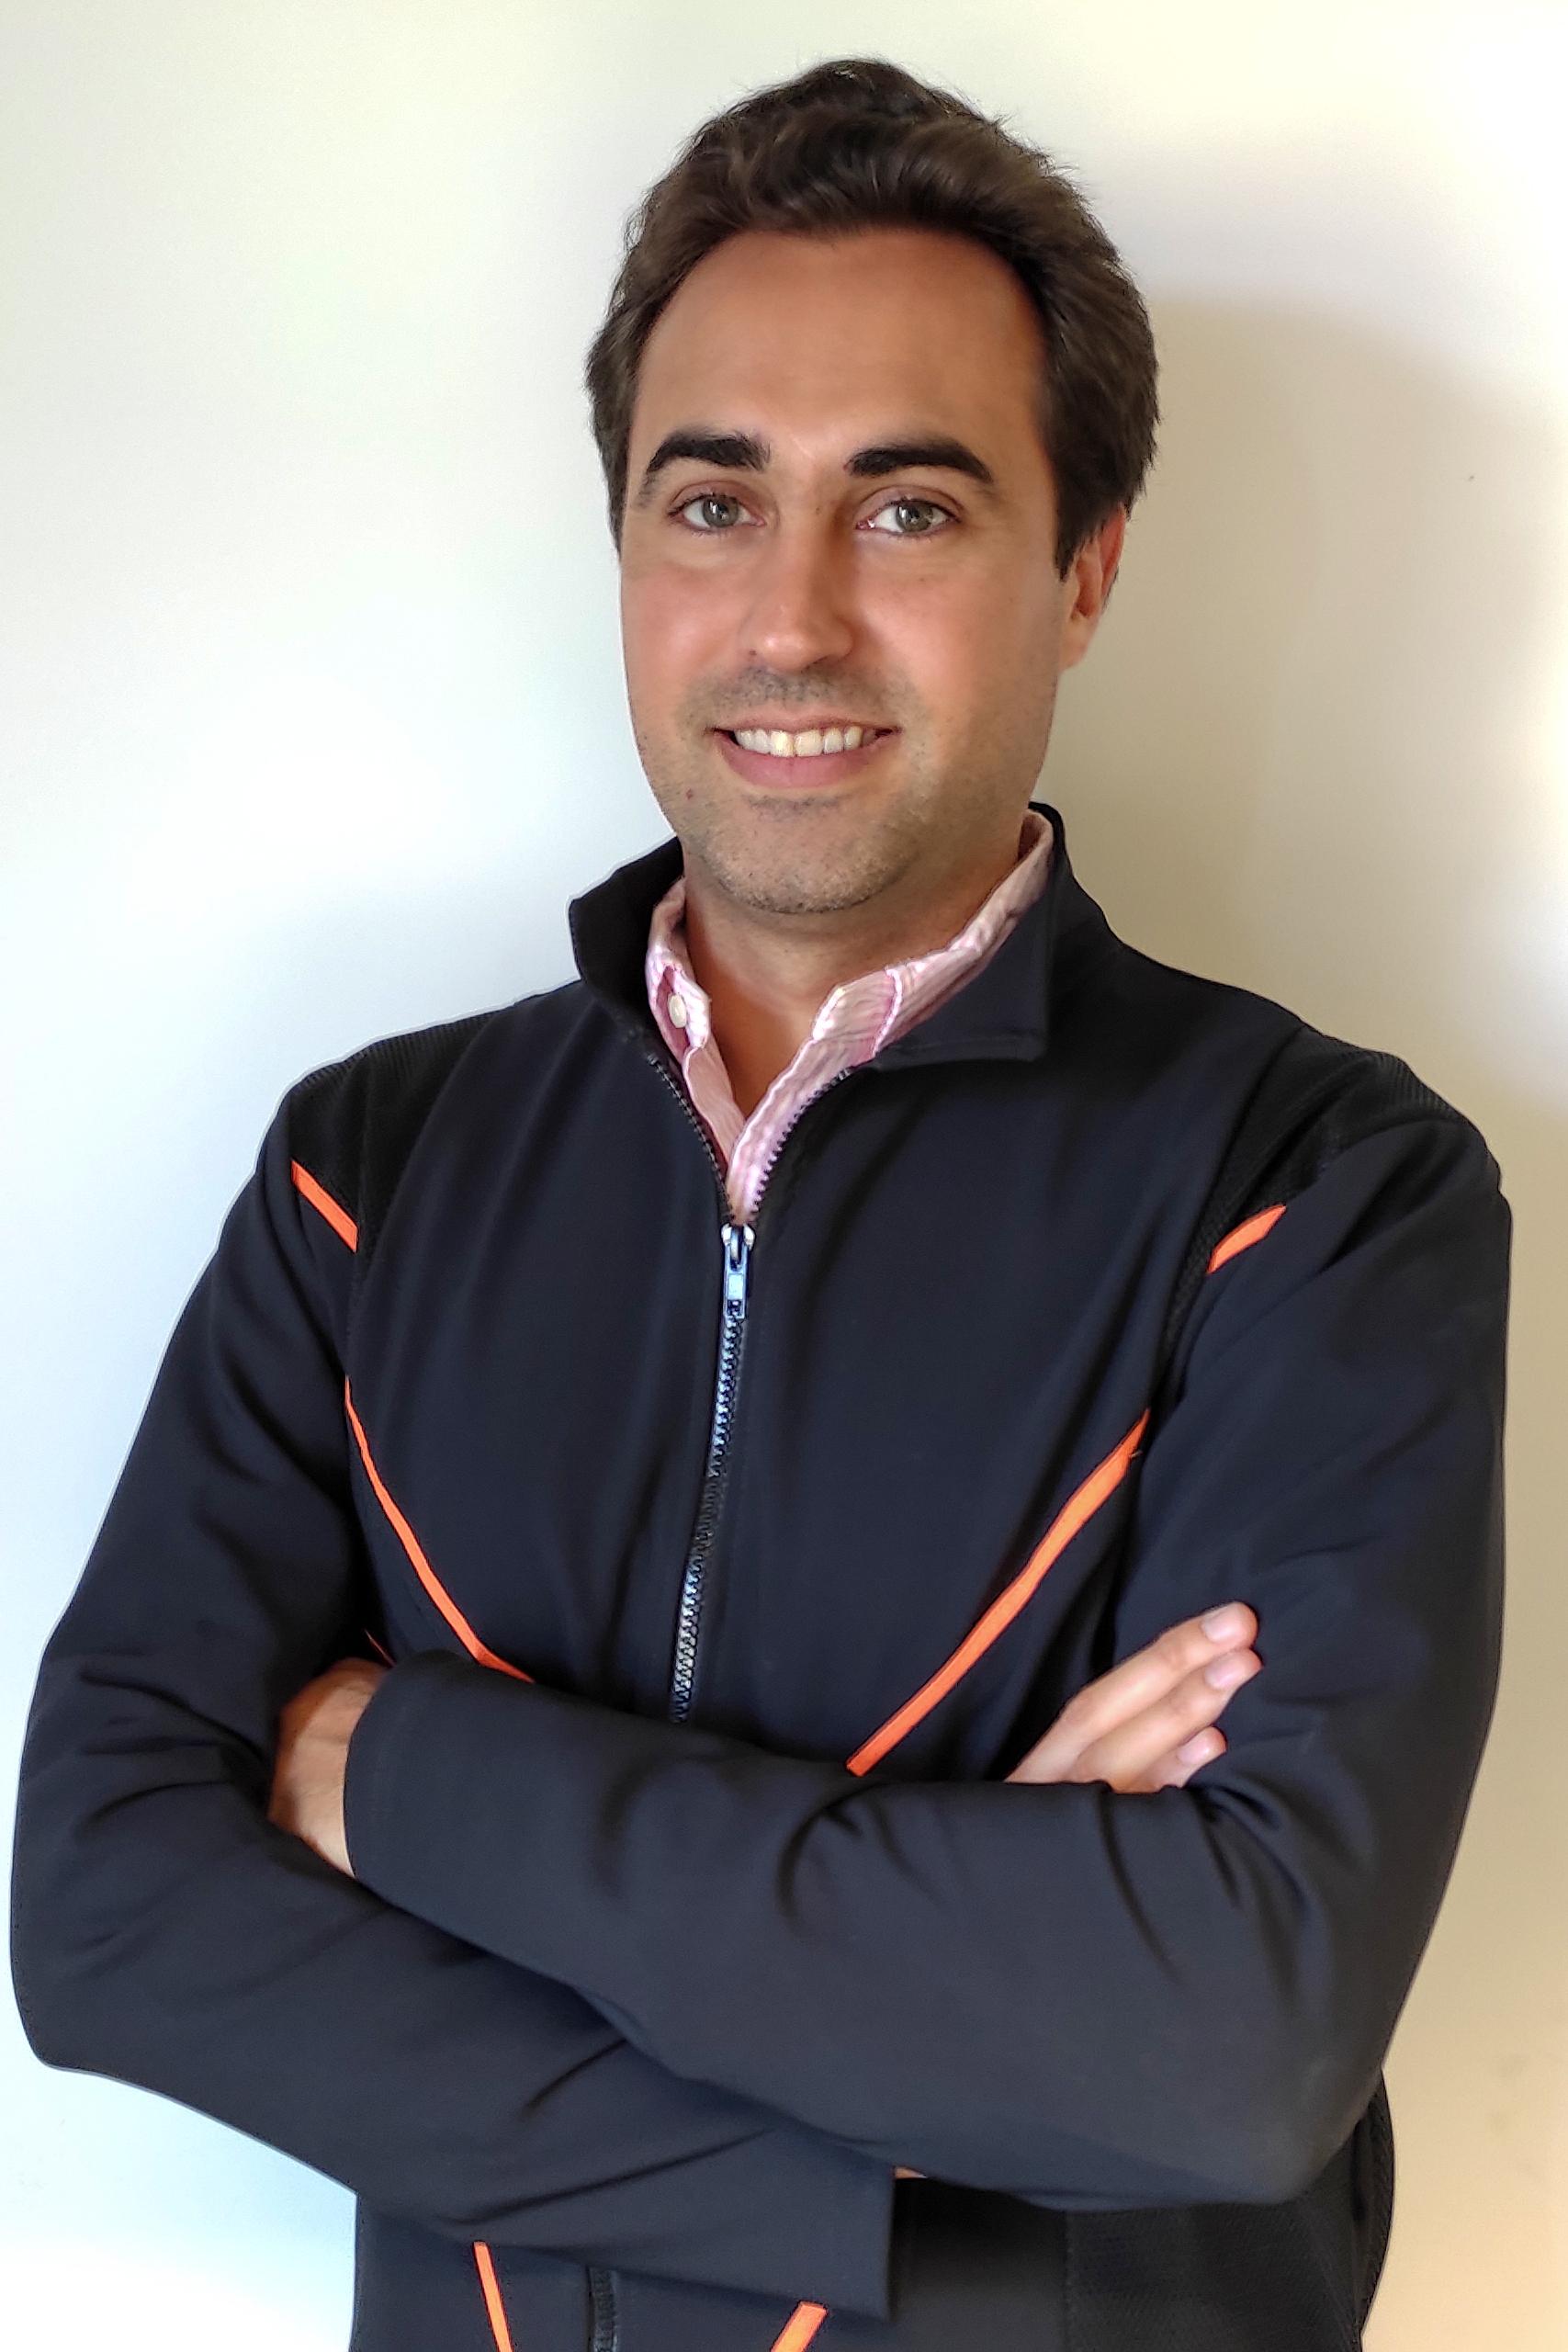 Daniel Felipe Cisneros